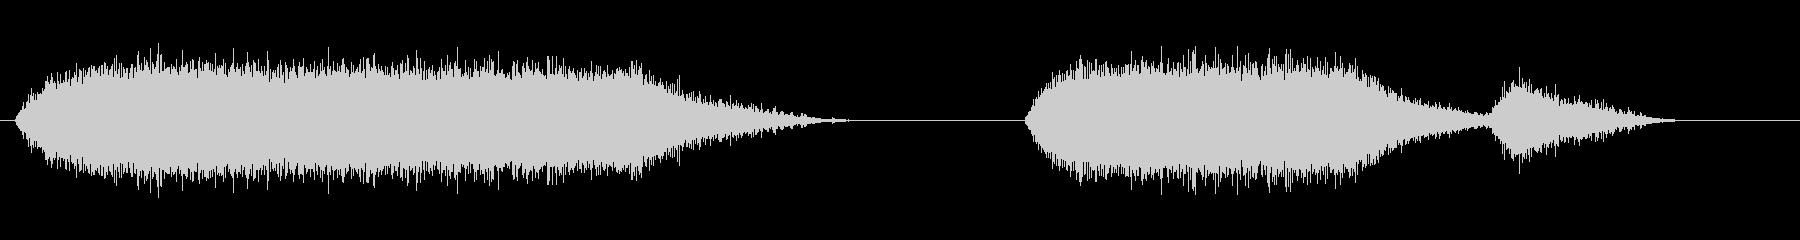 ジグソーアイドルランニングx2の未再生の波形